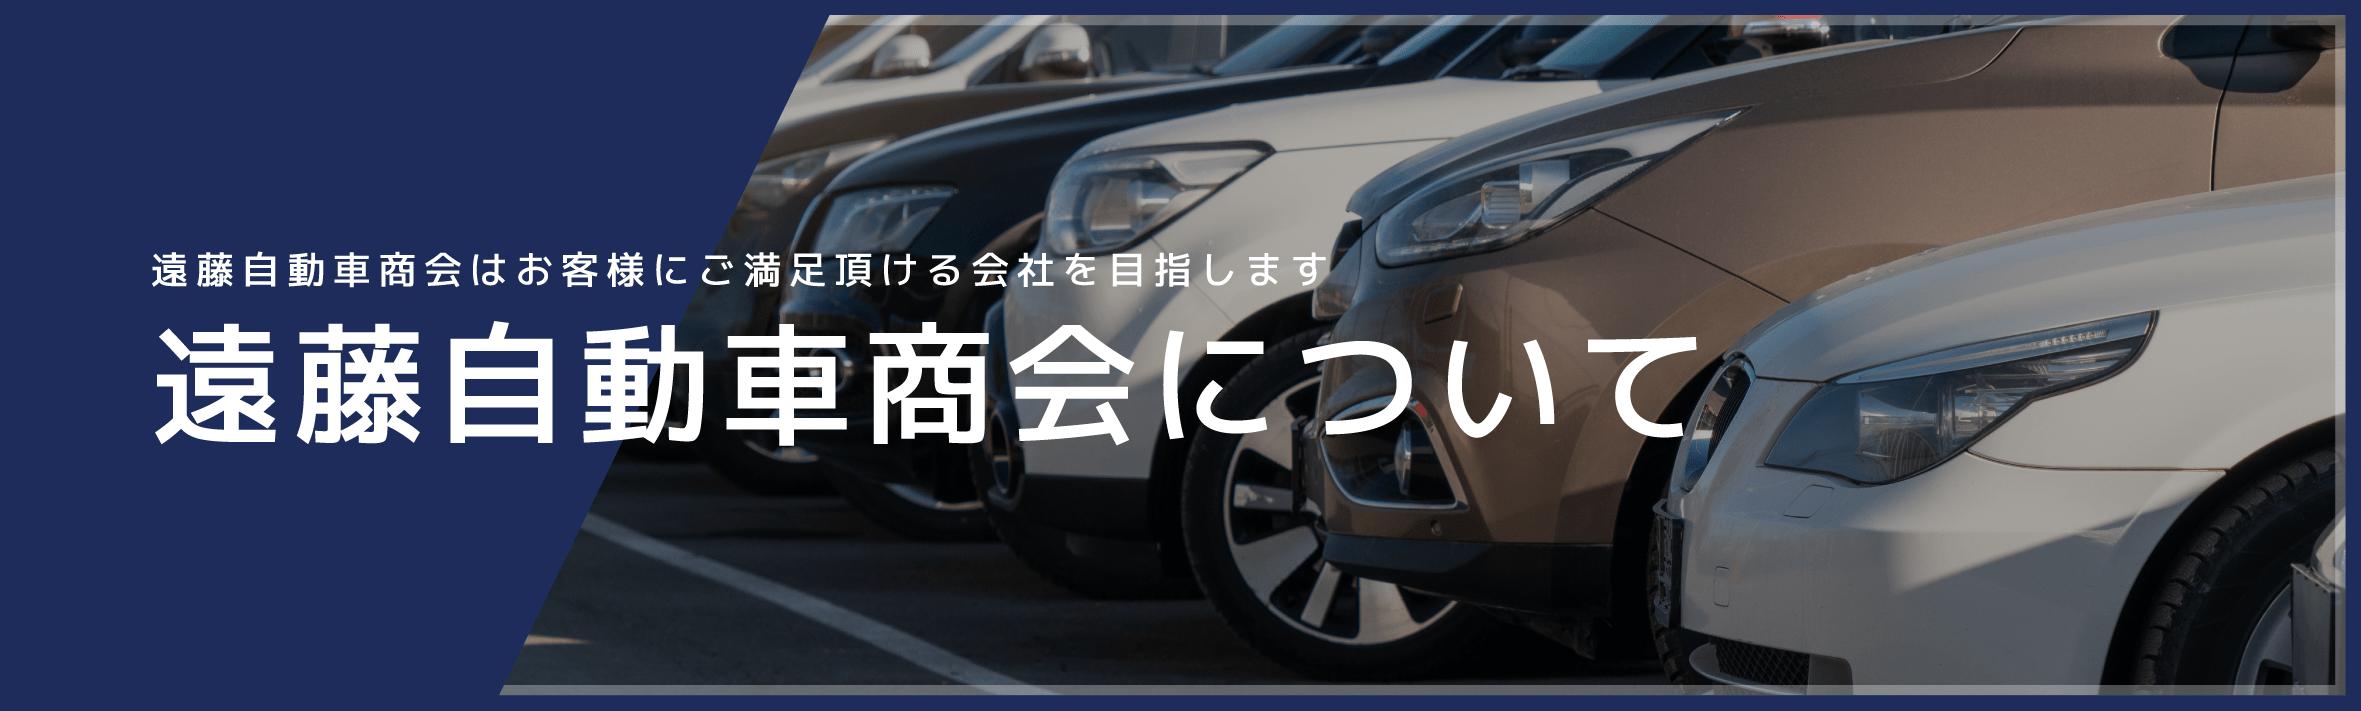 遠藤自動車商会について